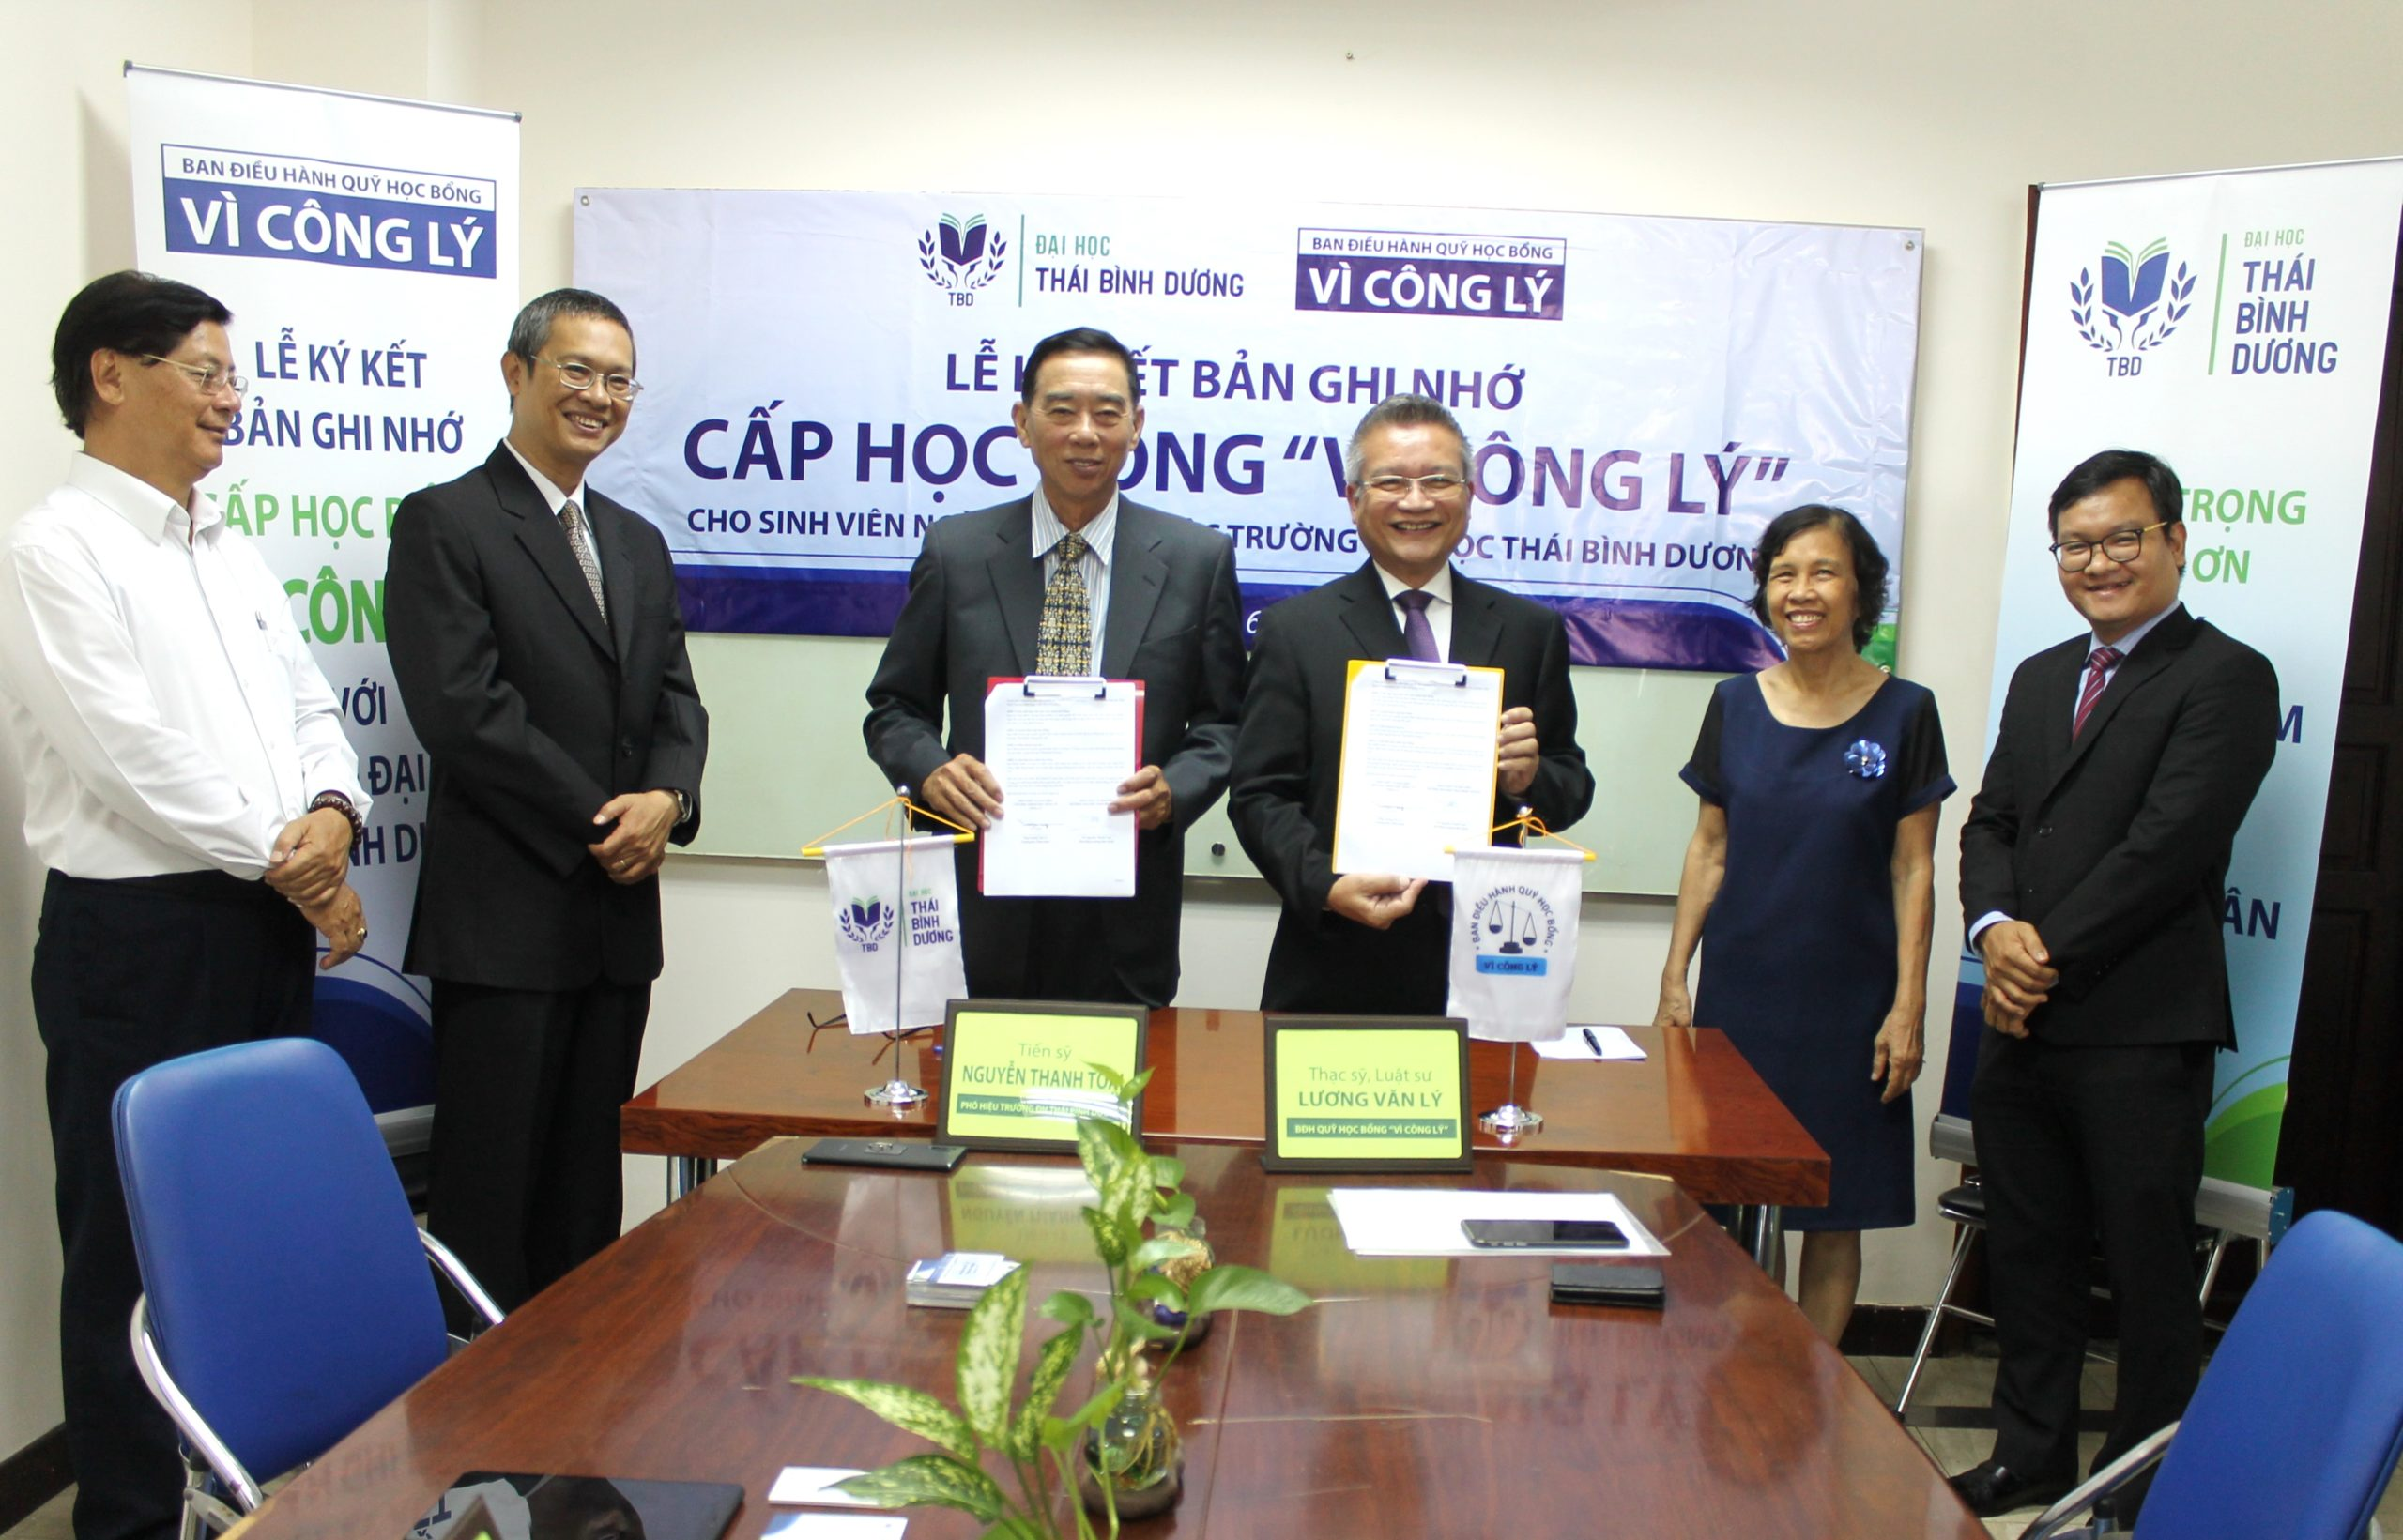 Đại học Thái Bình Dương ký kết Học bổng Vì Công lý và Học bổng Doanh nhân